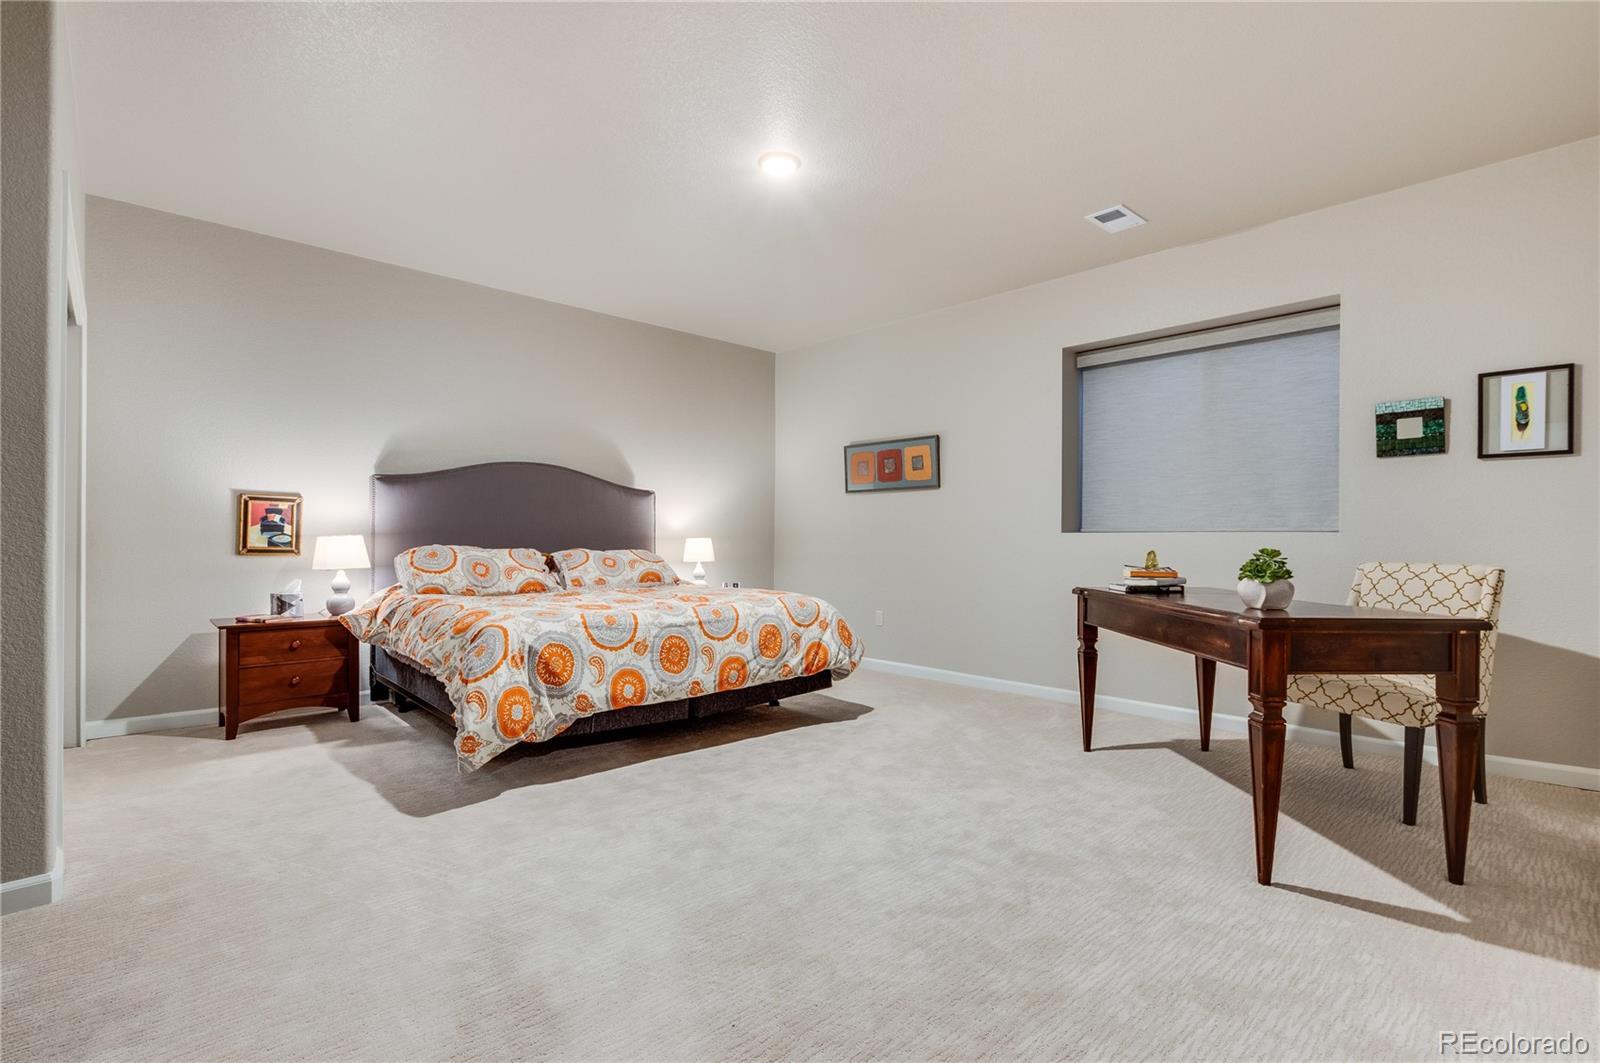 MLS# 9892836 - 30 - 6372 Cubbage Drive, Colorado Springs, CO 80924